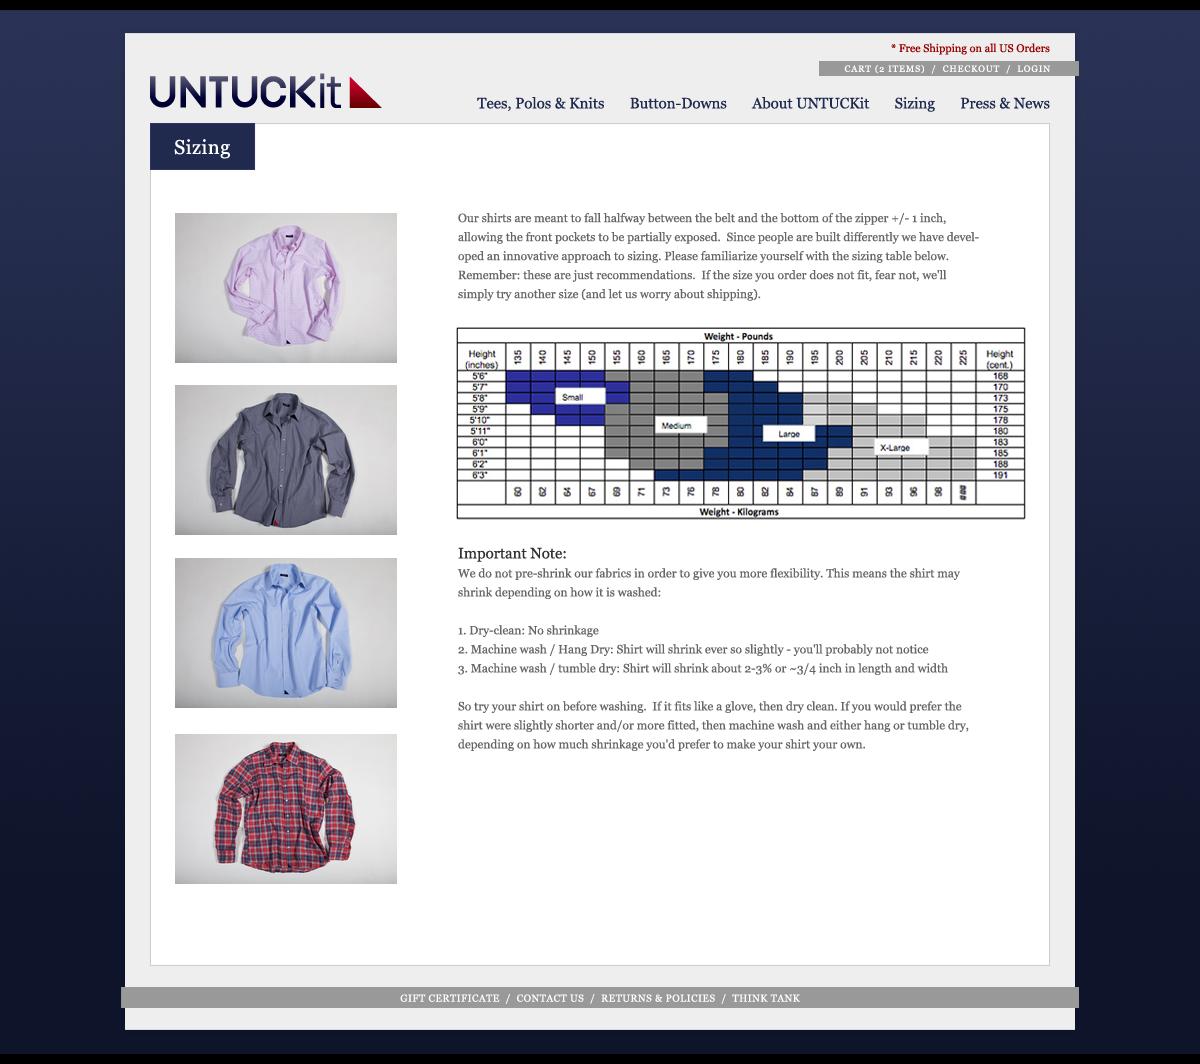 Untuckit Website Image 5